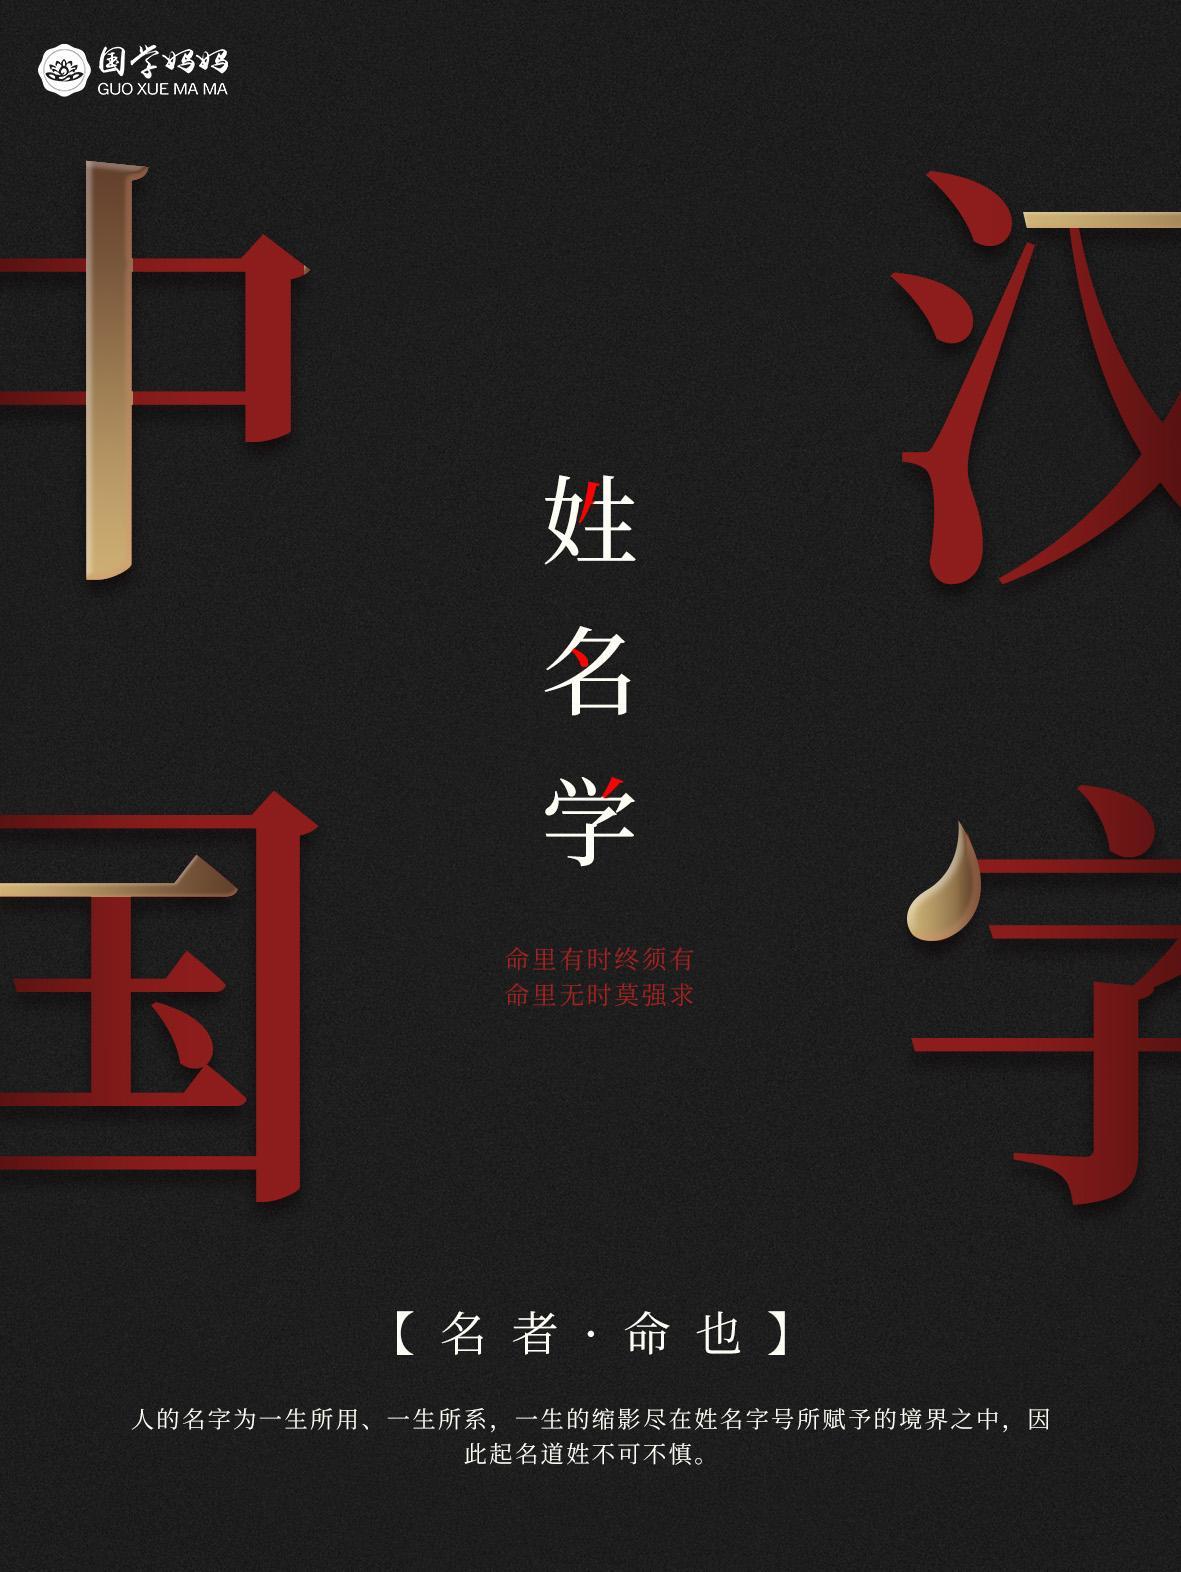 中国汉字与姓名学丨教你看名字,辨吉凶,知祸福!